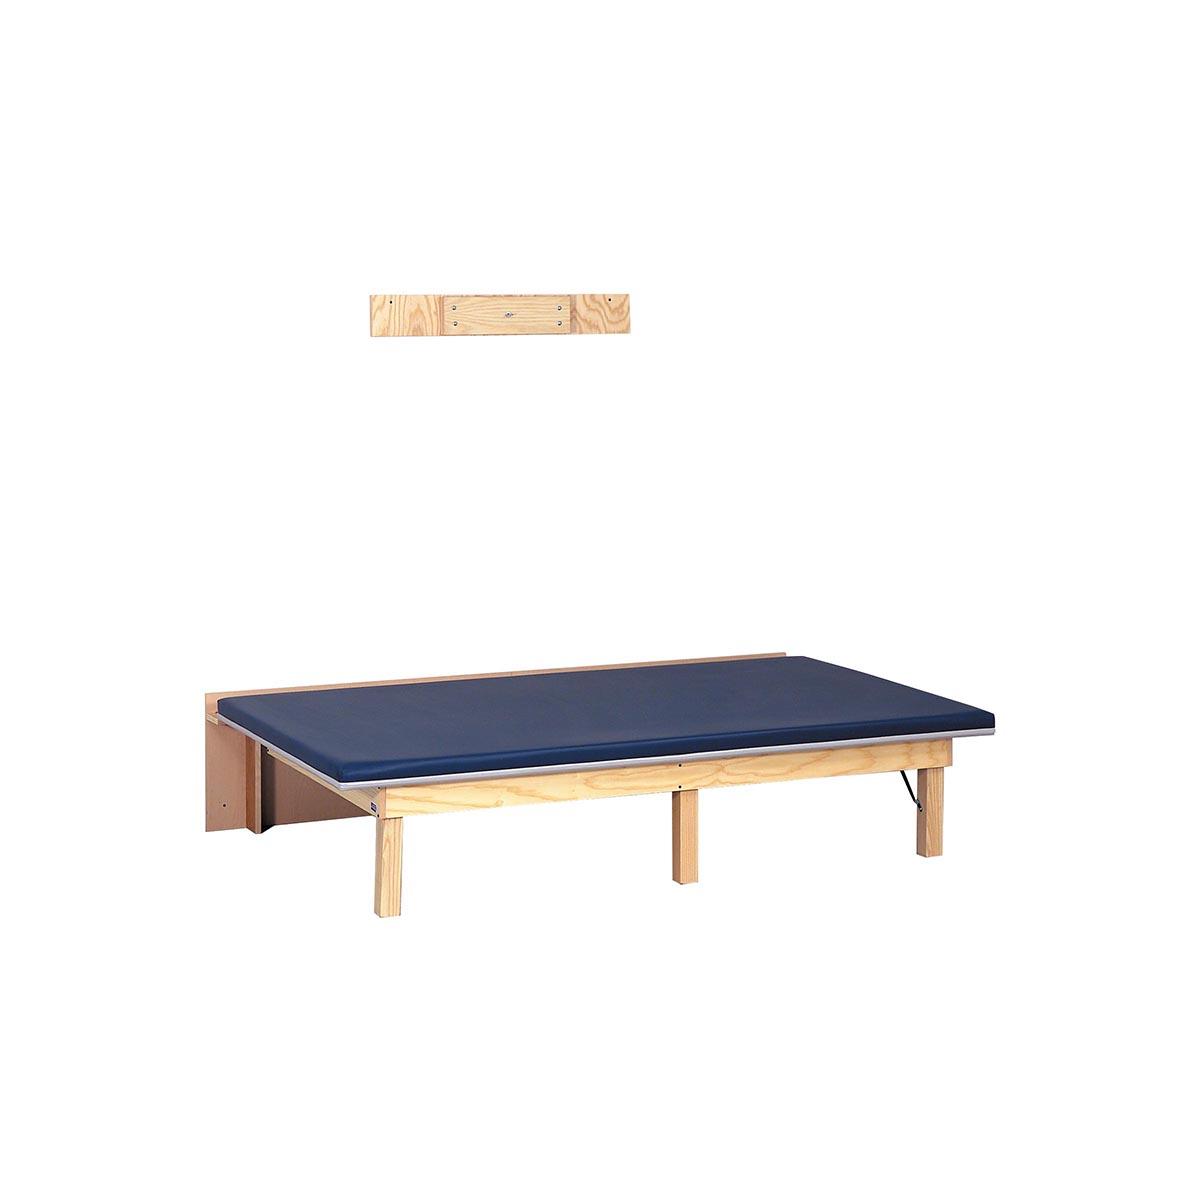 Wall Mount Platform : Wall mounted mat platform w clinton